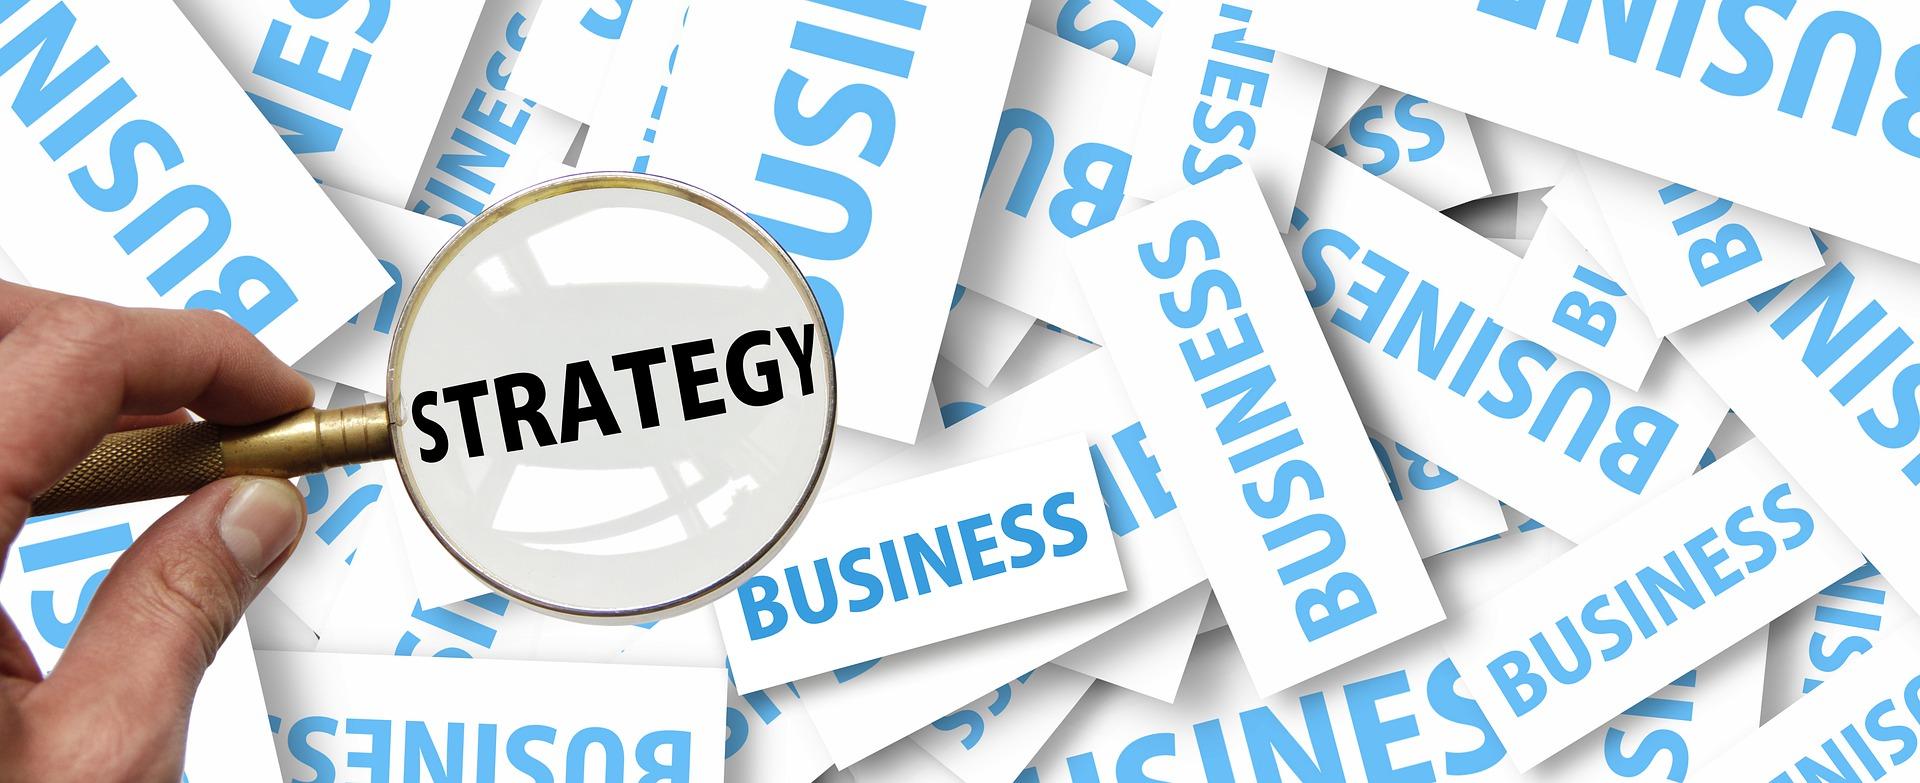 CRE戦略のファーストステップ!現状把握で重要なポイント